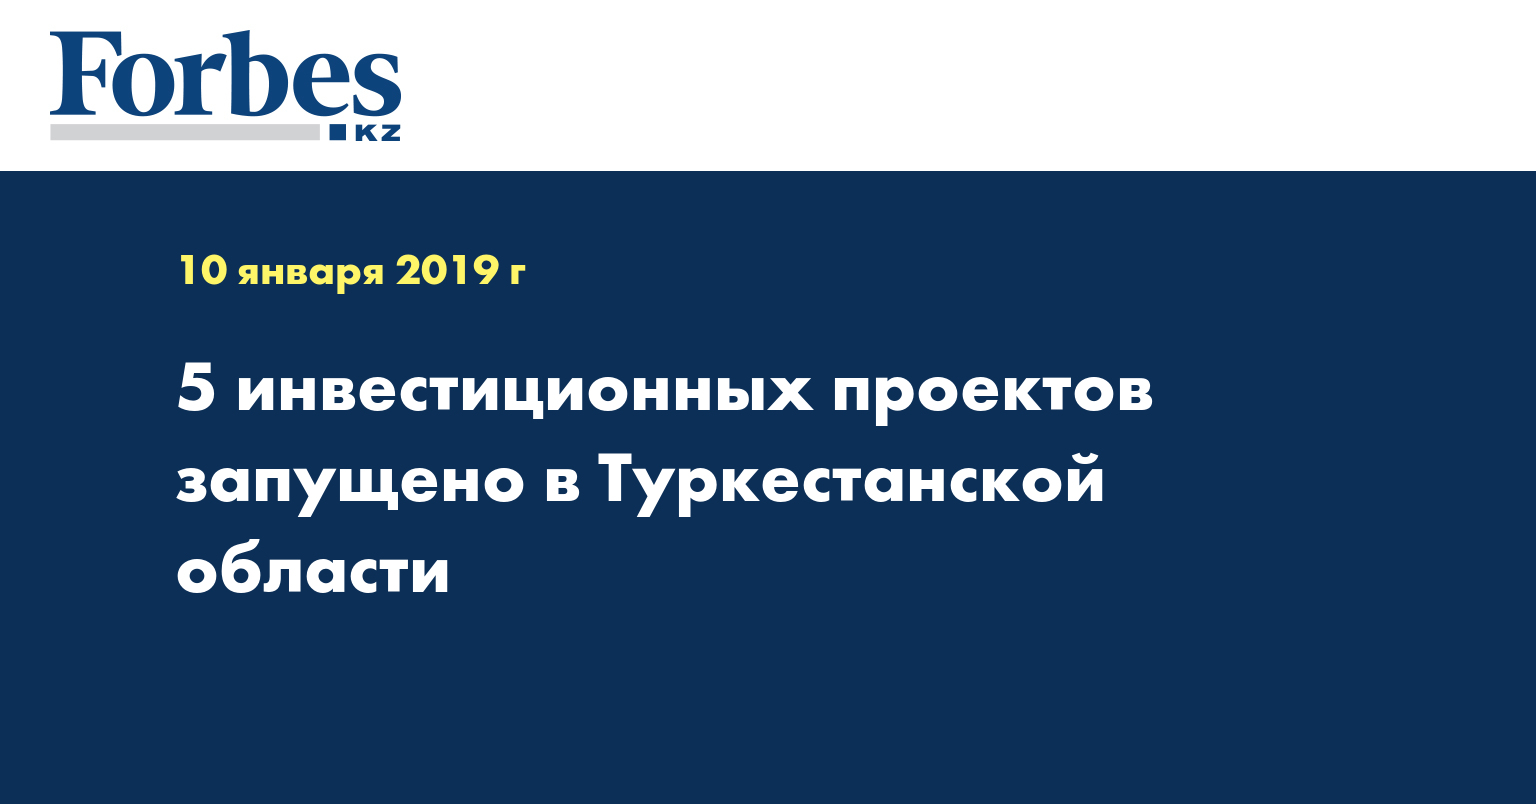 5 инвестиционных проектов запущено в Туркестанской области